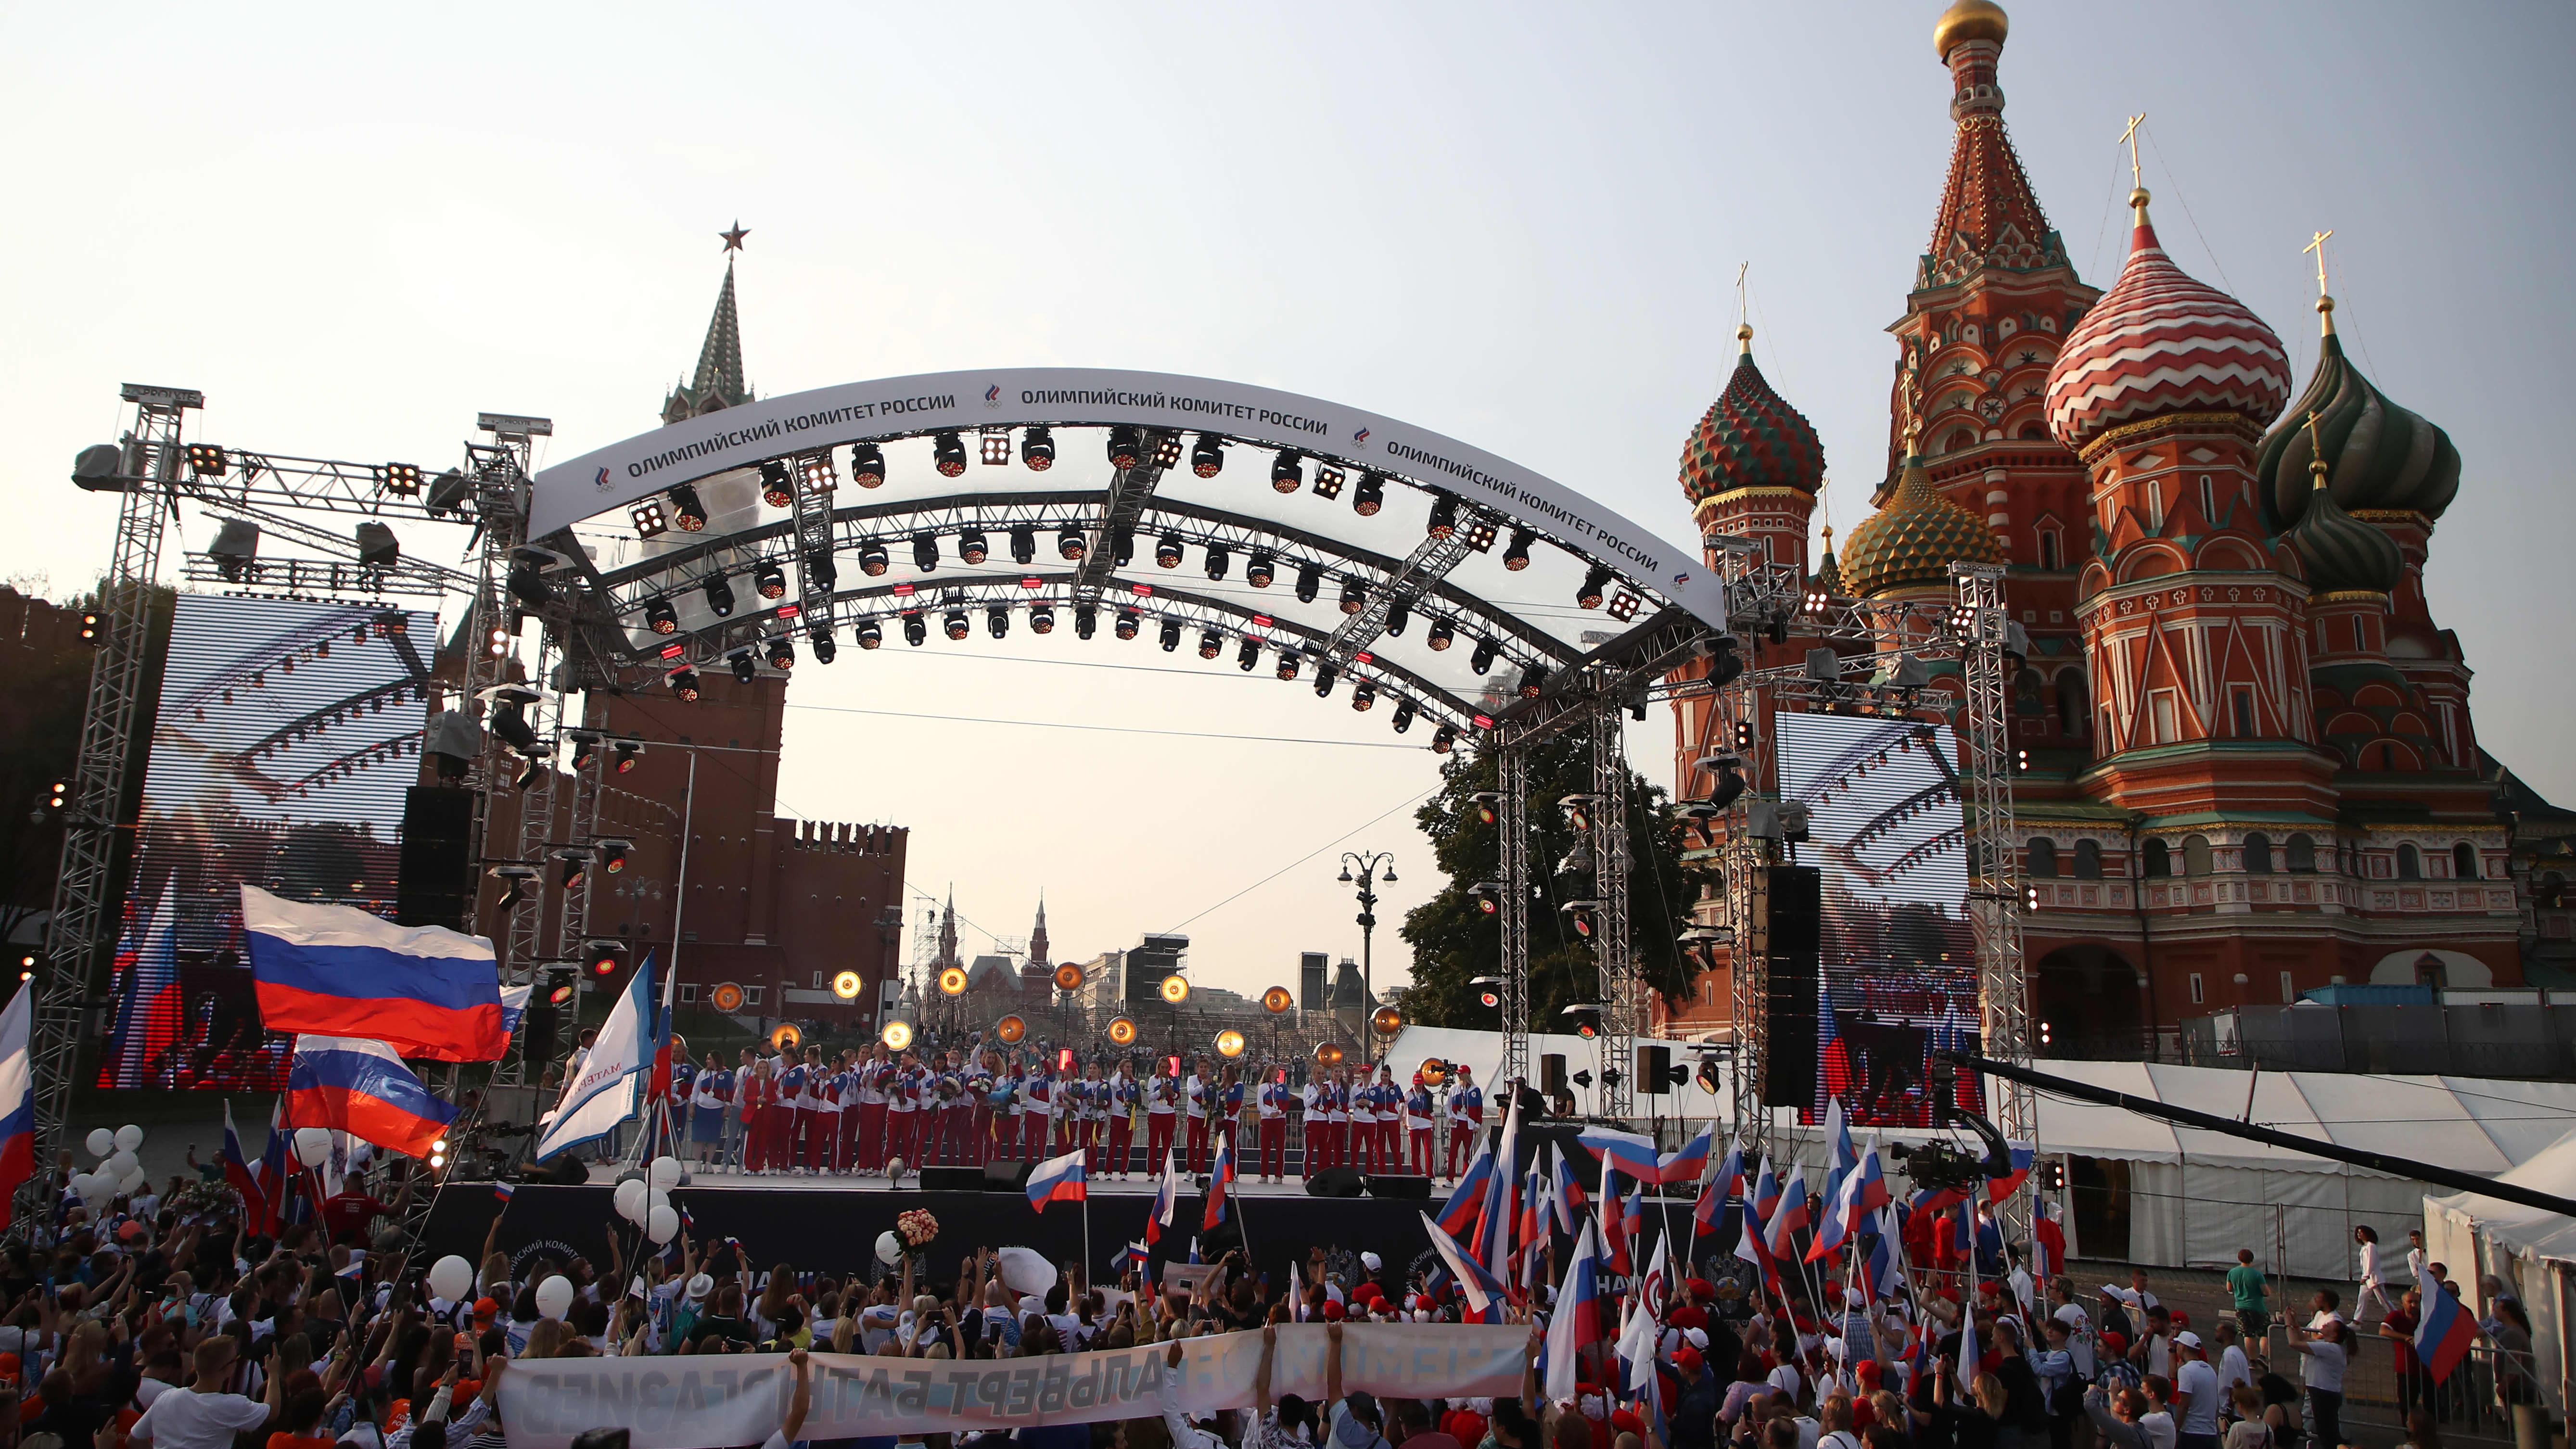 Venäläisurheilijat saivat todella lämpimän vastaanoton Moskovassa!